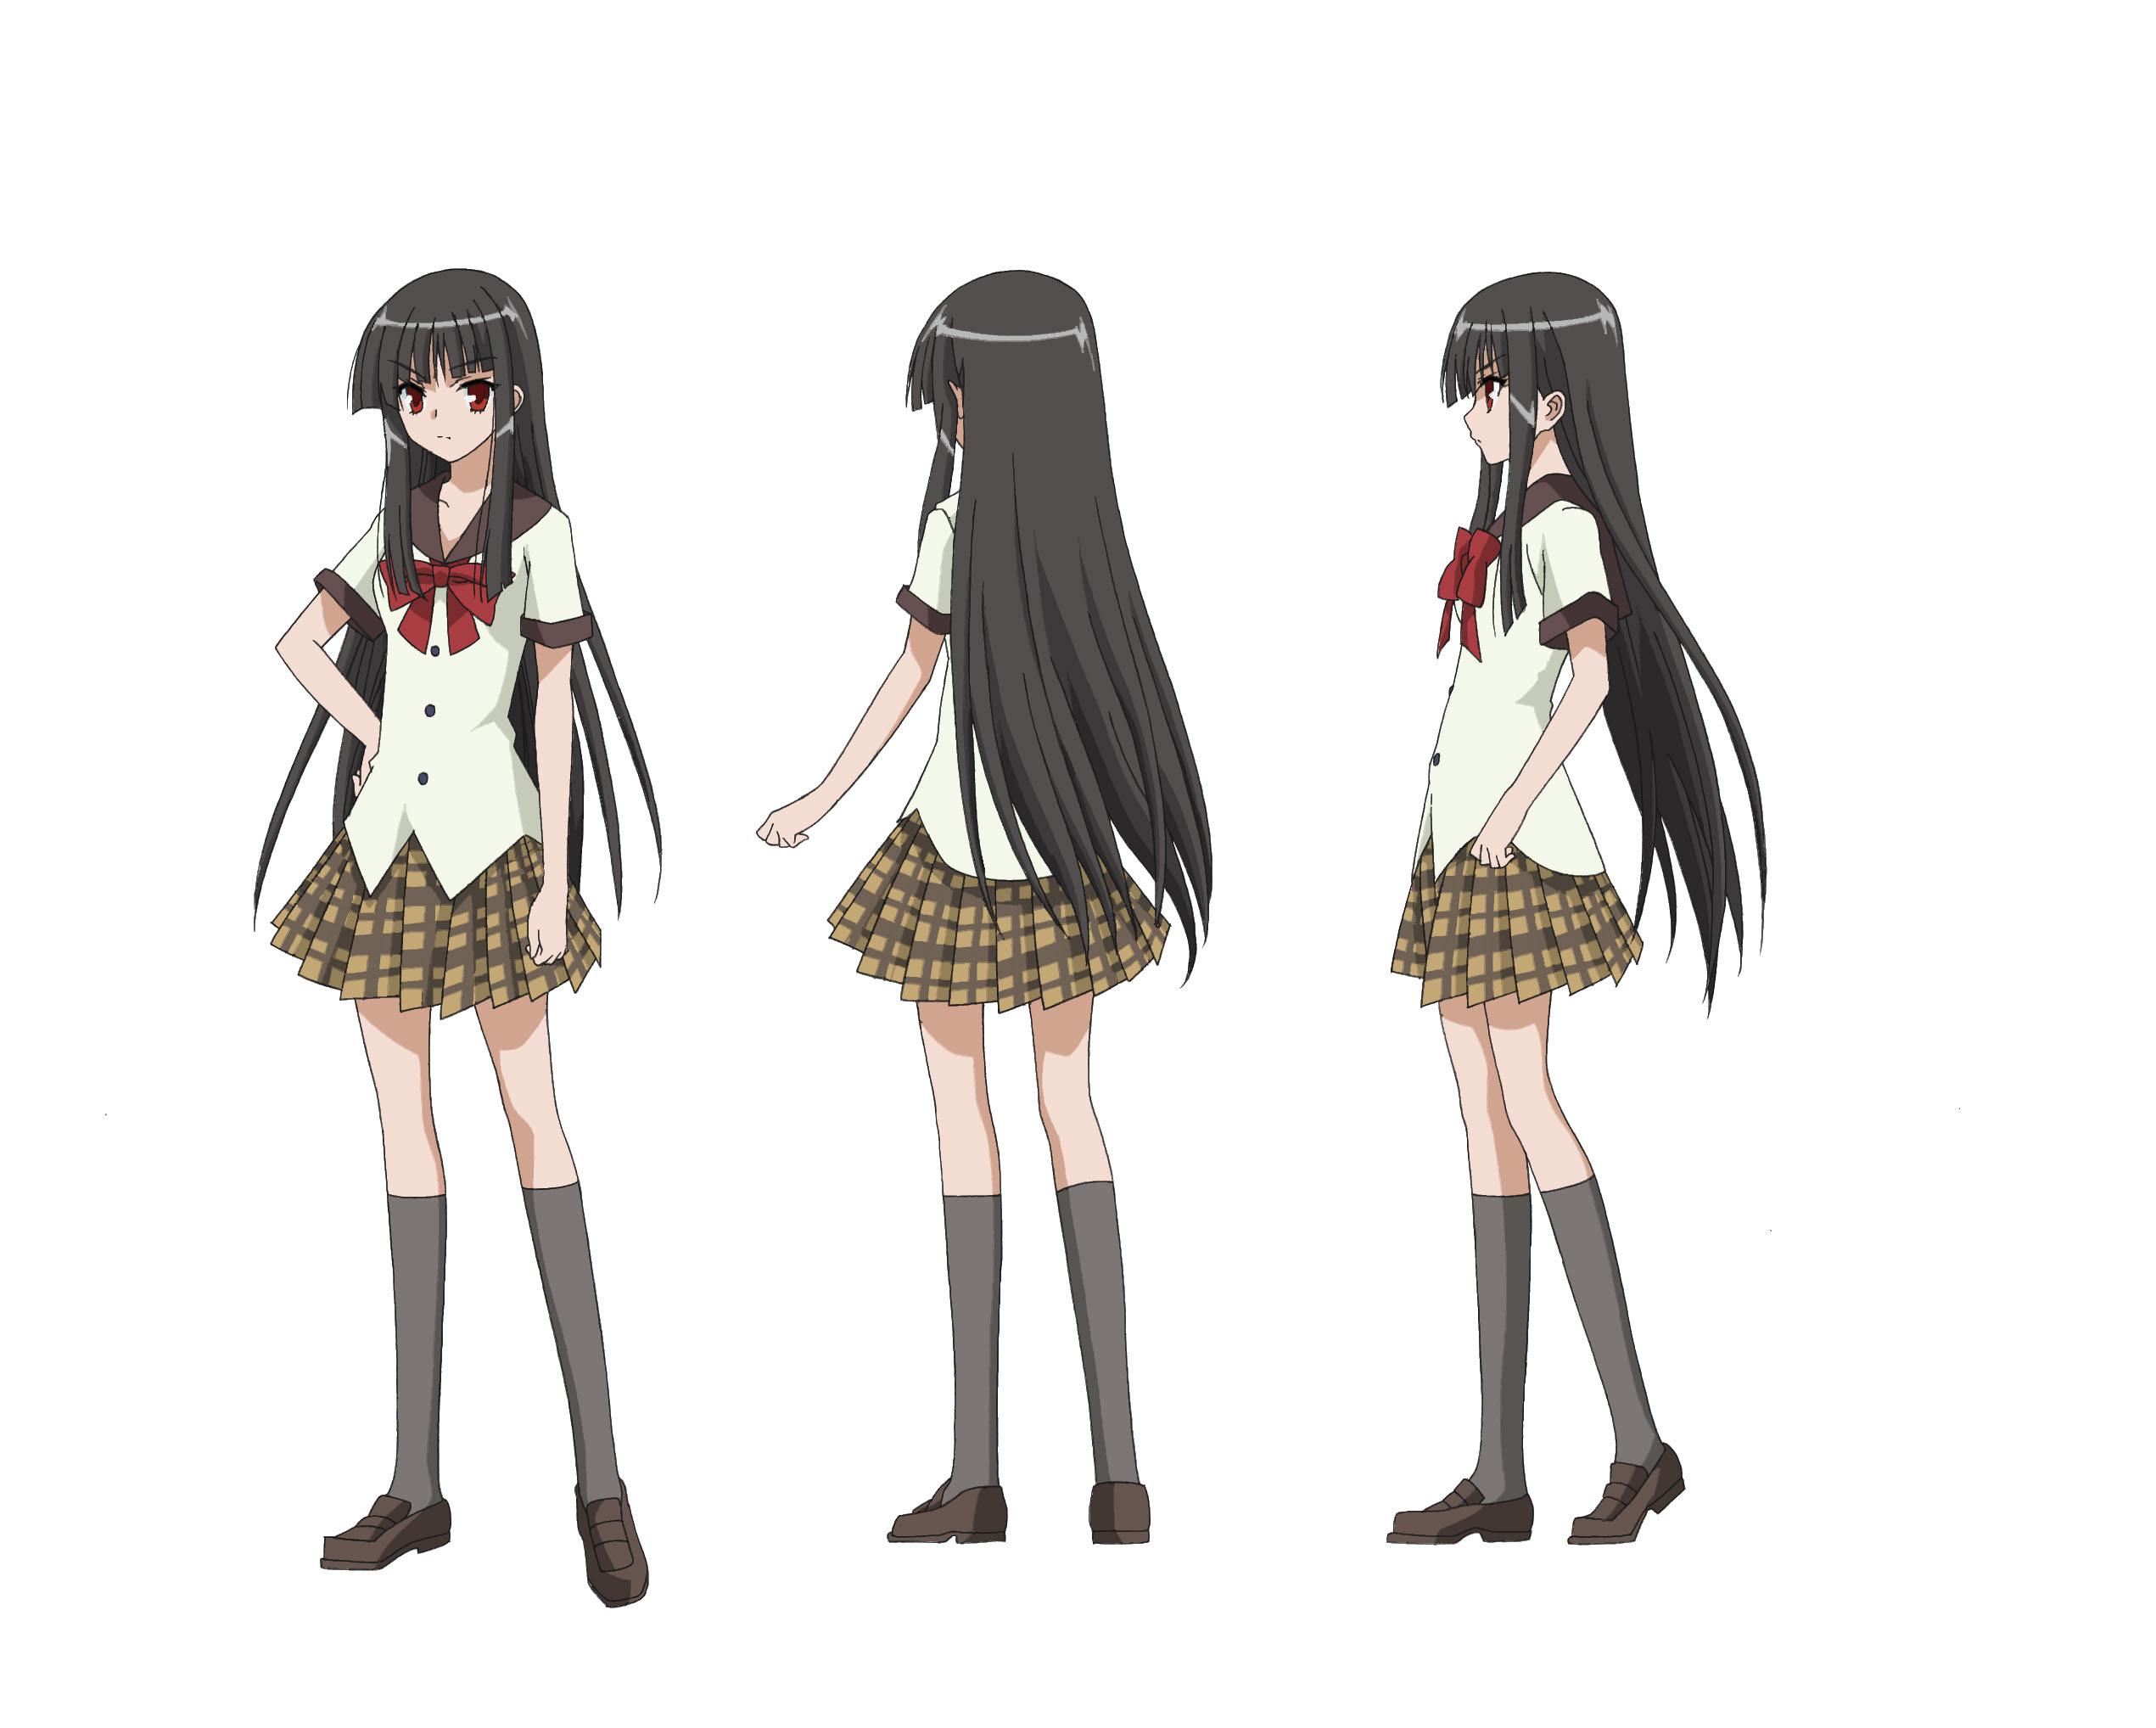 http://ami.animecharactersdatabase.com/uploads/chars/36338-558960905.jpg